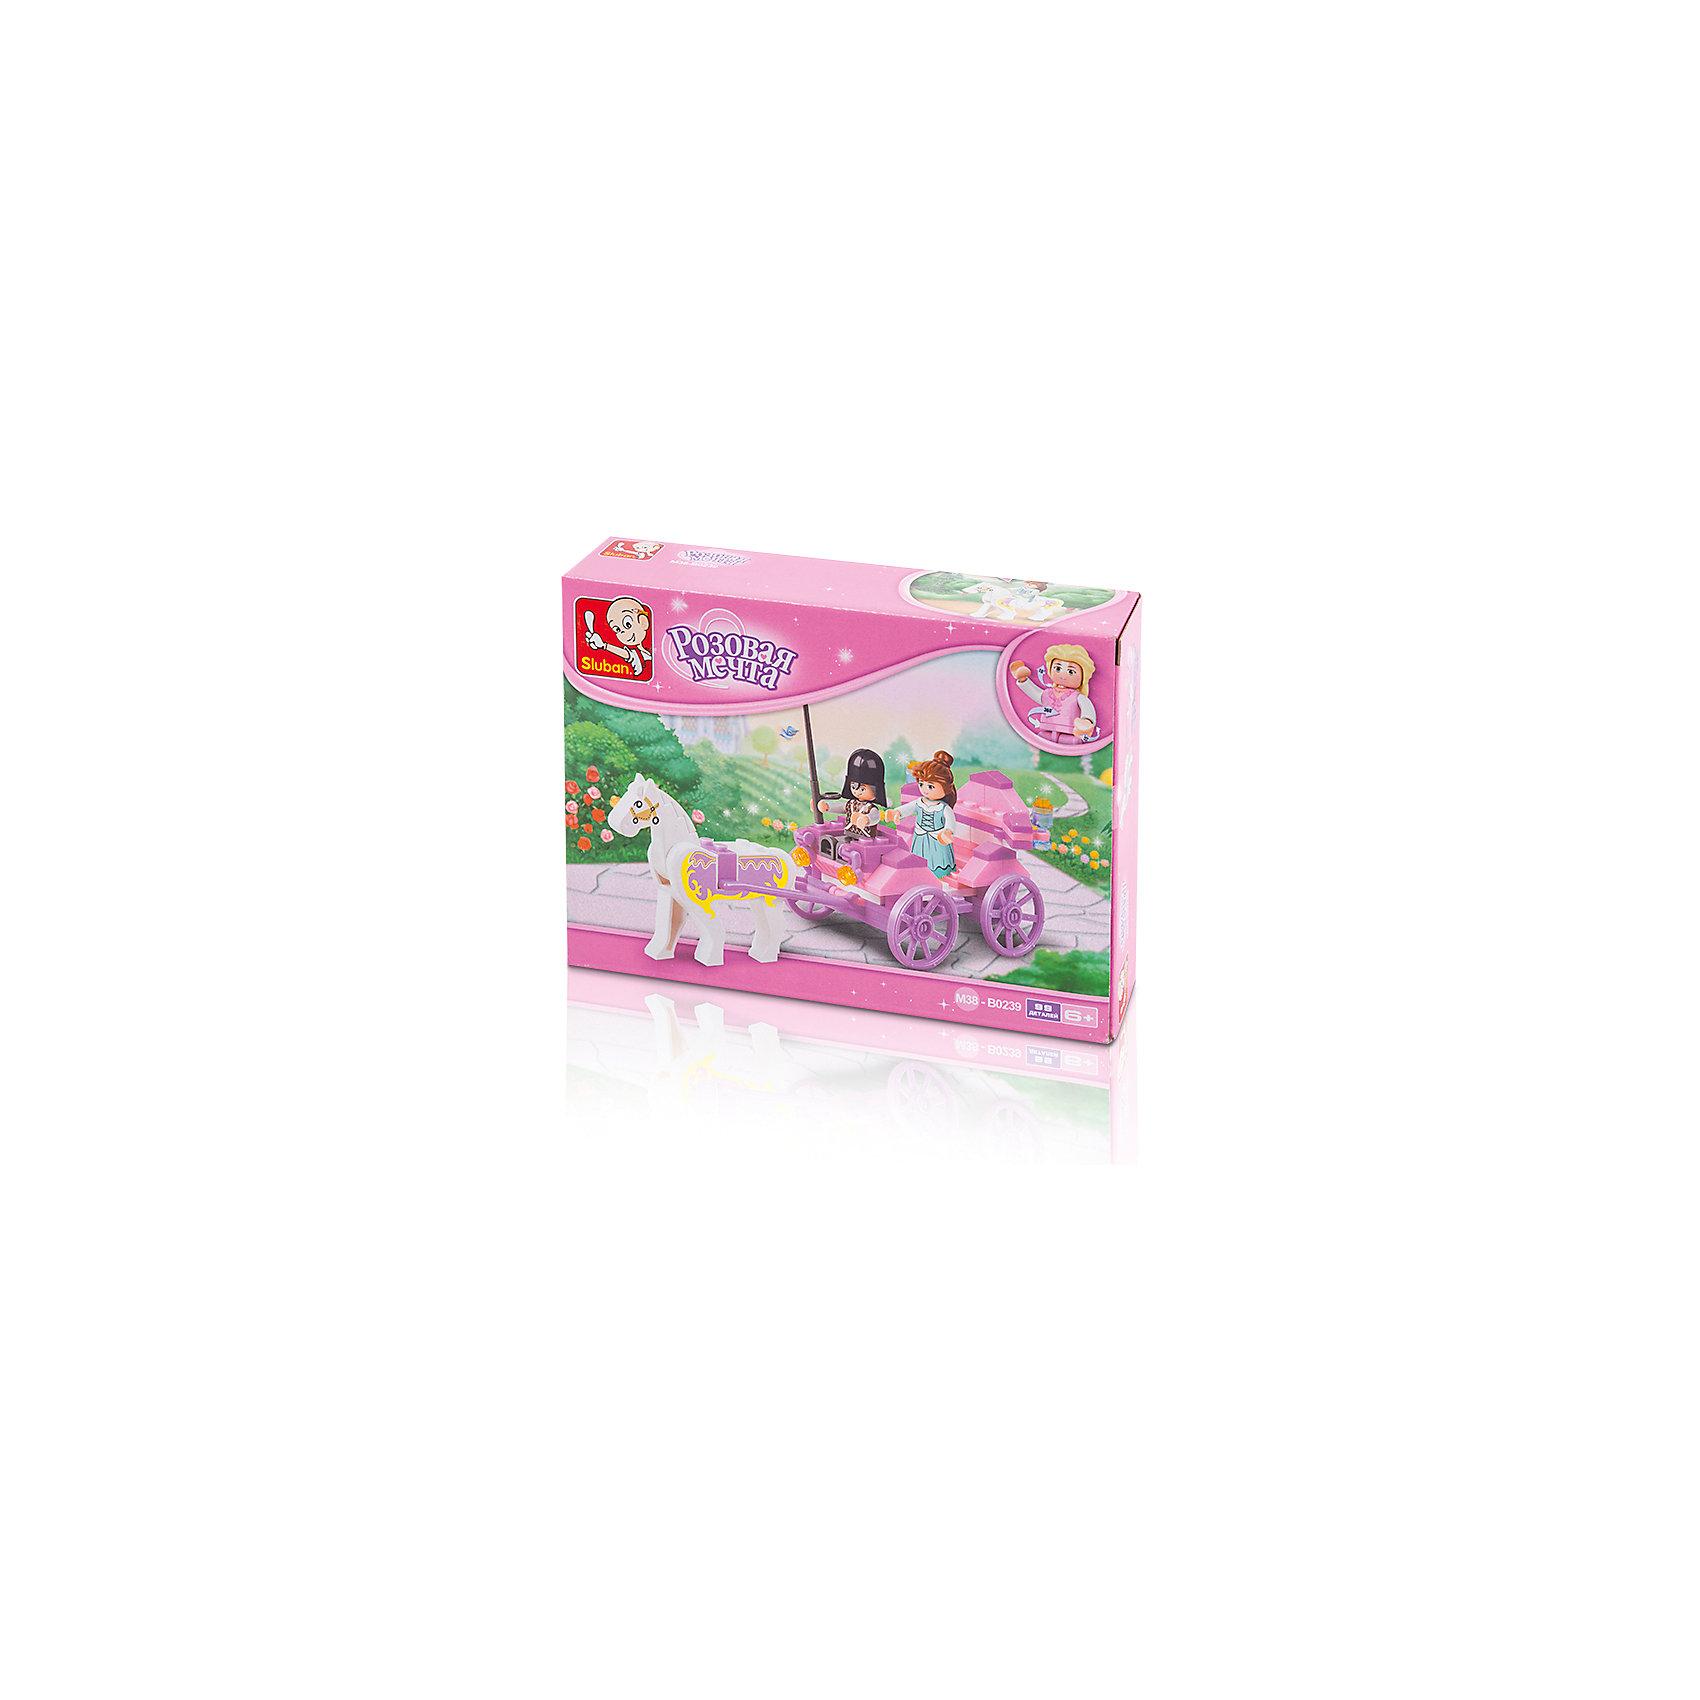 Конструктор Розовая мечта: Карета принцессы, 99 деталей, SlubanПластмассовые конструкторы<br>Конструктор Розовая мечта: Карета принцессы, 99 деталей, Sluban (Слубан)<br><br>Характеристики:<br><br>• возраст: от 6 лет<br>• карета принцессы из конструктора<br>• количество деталей: 99<br>• количество фигурок: 2<br>• материал: пластик<br>• размер упаковки: 4,5х14,1х19 см<br>• вес: 140 грамм<br><br>Юная принцесса хочет гулять. Нужно срочно собрать для нее карету! Из конструктора Sluban девочка сможет собрать роскошную карету и лошадь. Фигурки принцессы и кучера можно использовать для сюжетно-ролевых игр. Игра развивает мелкую моторику, фантазию и логическое мышление.<br><br>Конструктор Розовая мечта: Карета принцессы, 99 деталей, Sluban (Слубан) вы можете купить в нашем интернет-магазине.<br><br>Ширина мм: 190<br>Глубина мм: 141<br>Высота мм: 45<br>Вес г: 140<br>Возраст от месяцев: 72<br>Возраст до месяцев: 2147483647<br>Пол: Женский<br>Возраст: Детский<br>SKU: 5453792